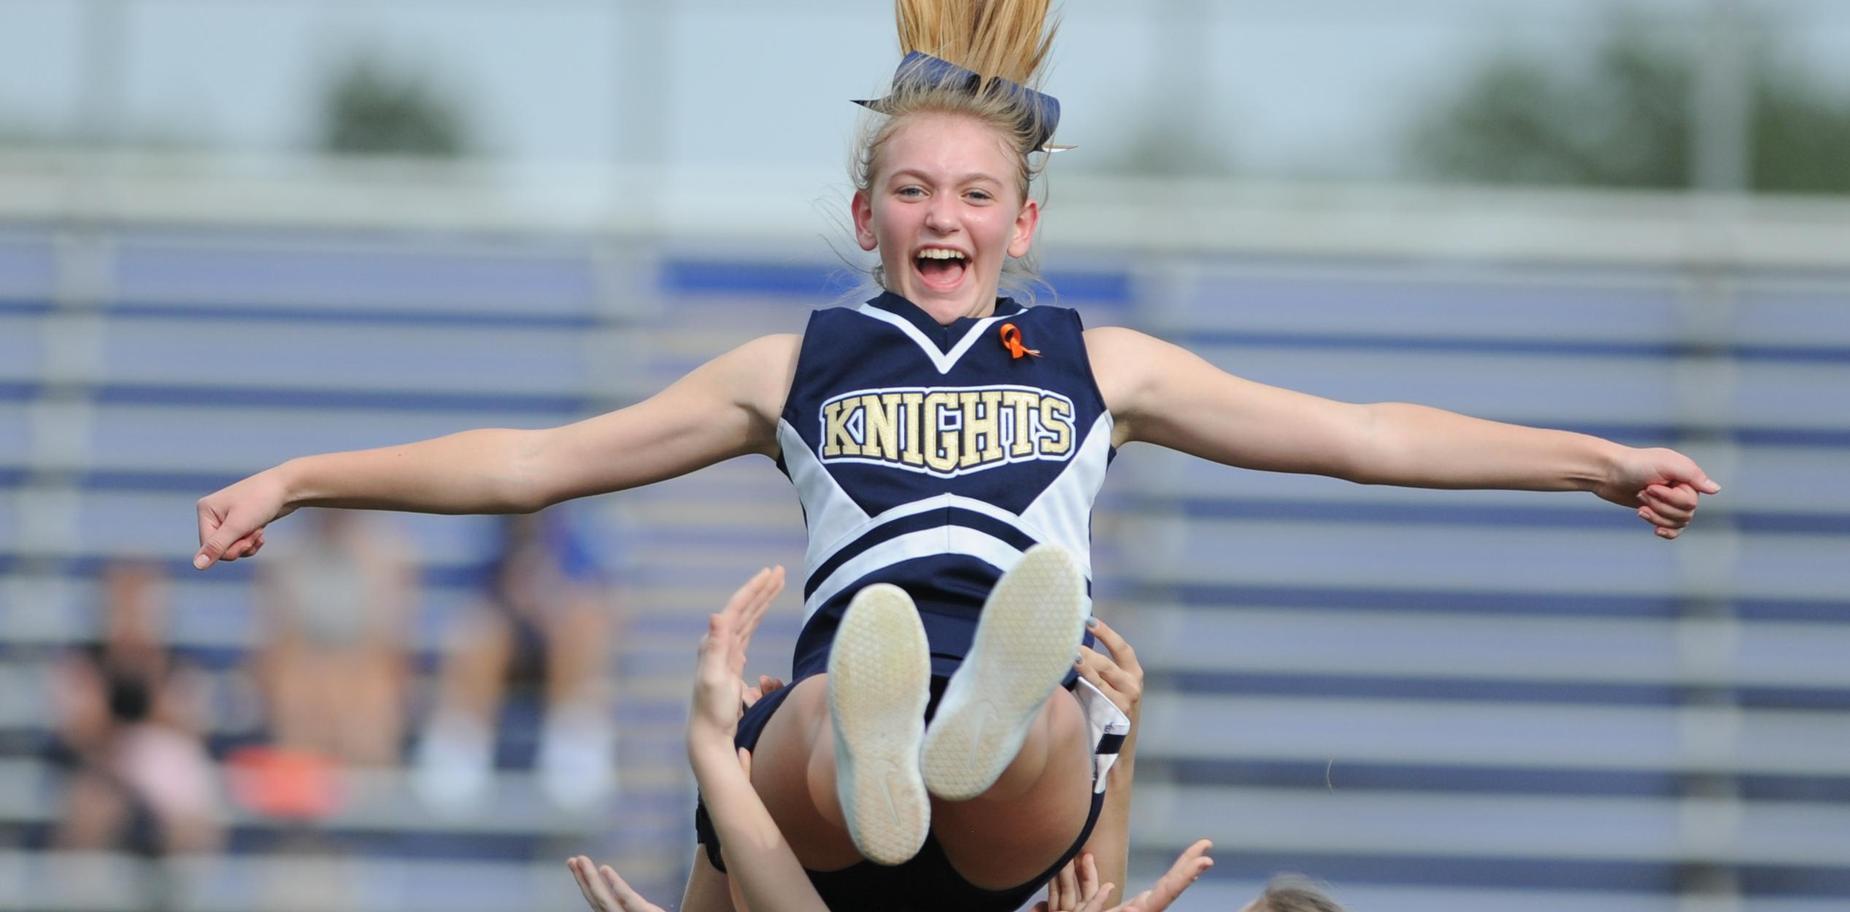 KMS Cheerleader